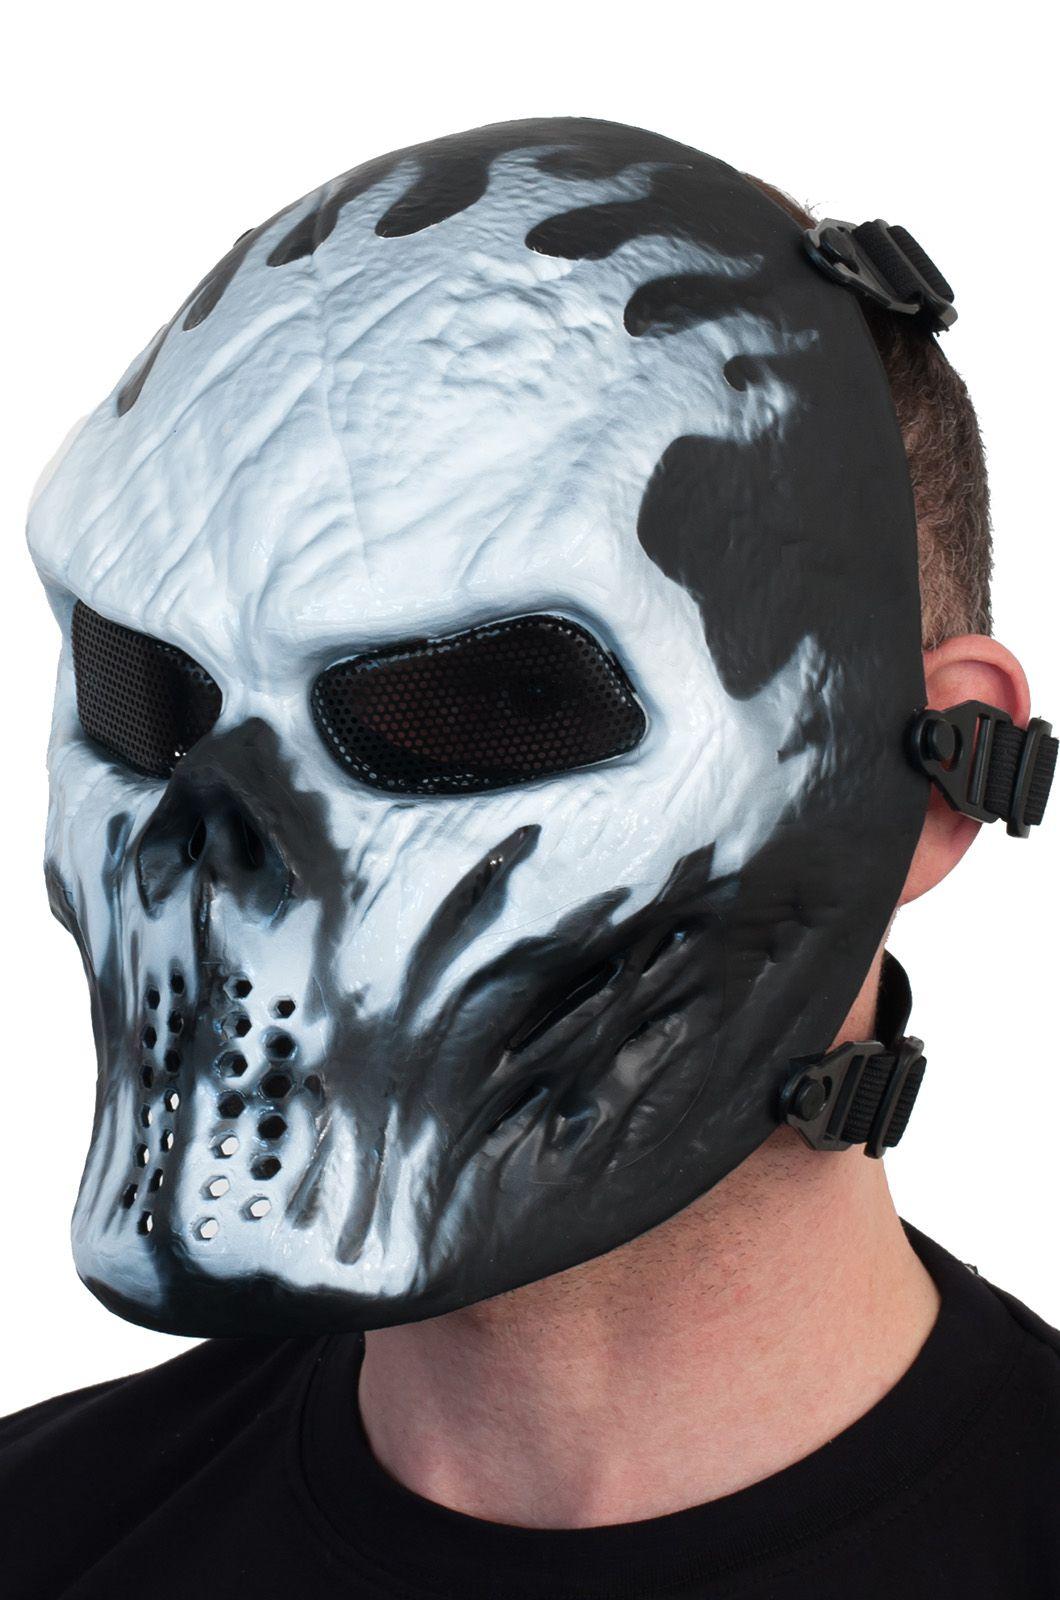 Кастомная маска для страйкбола по выгодной цене